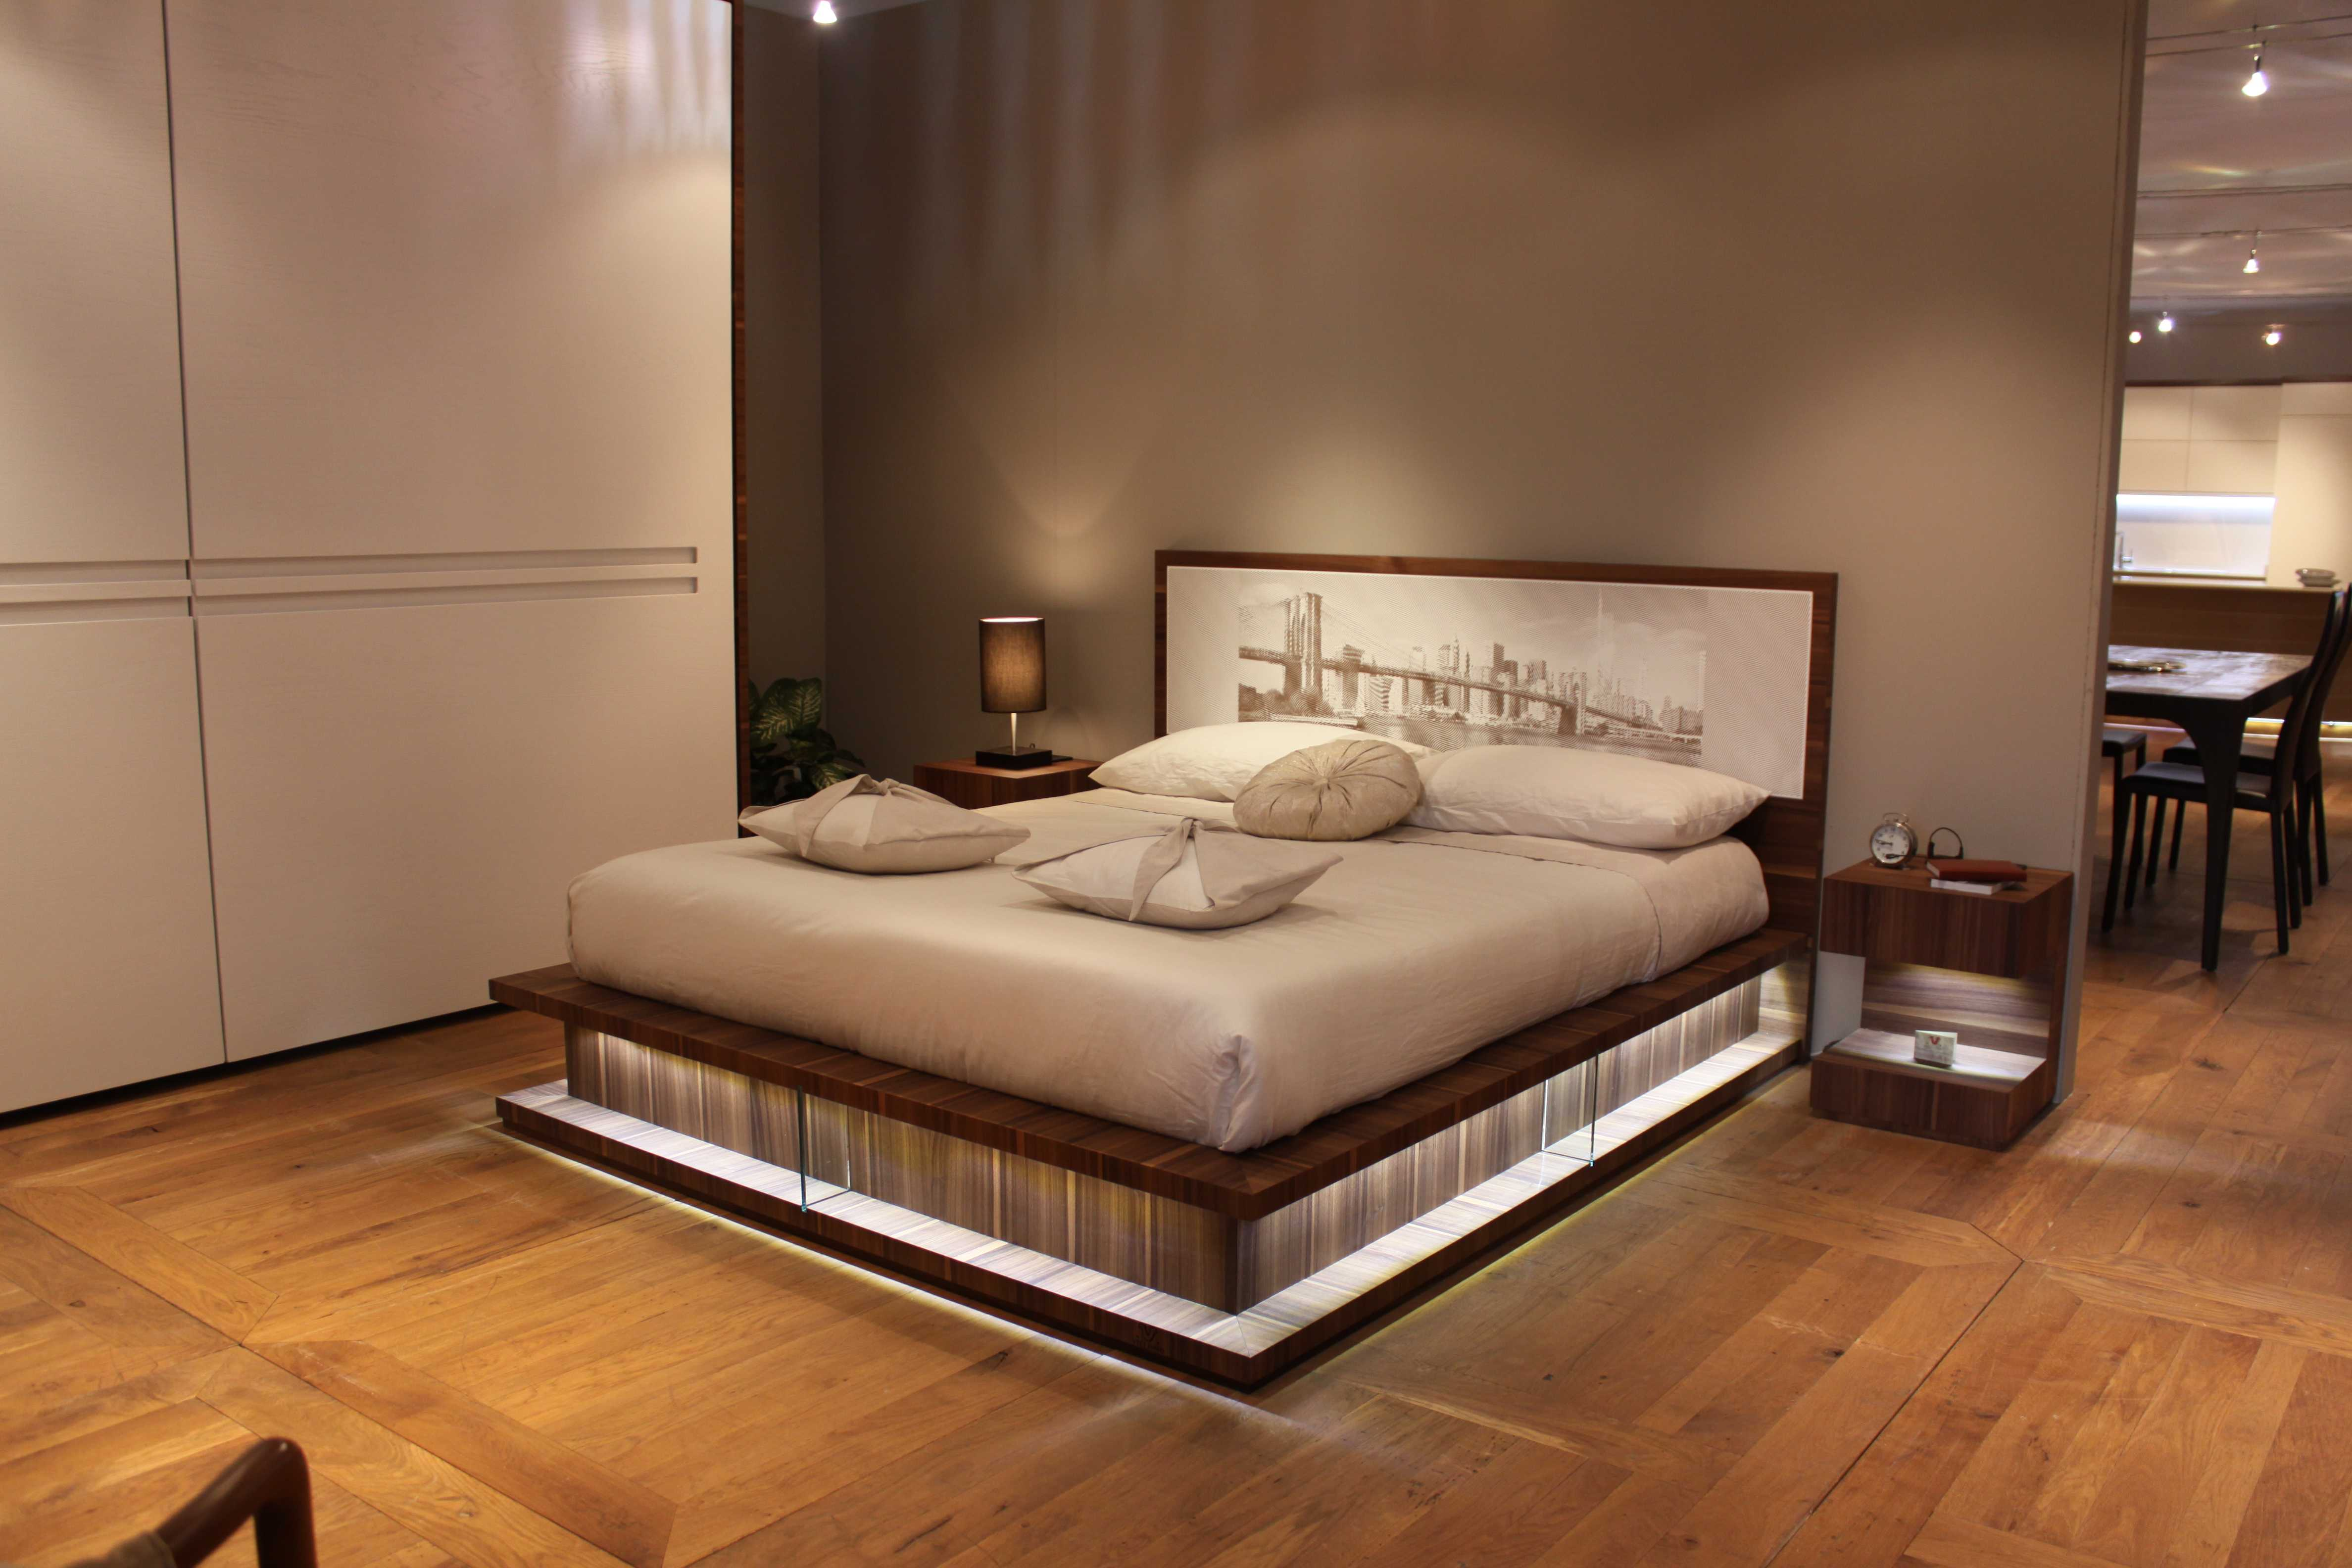 Tavernette moderne camera da letto rustica moderna camere - Camera da letto moderne ...